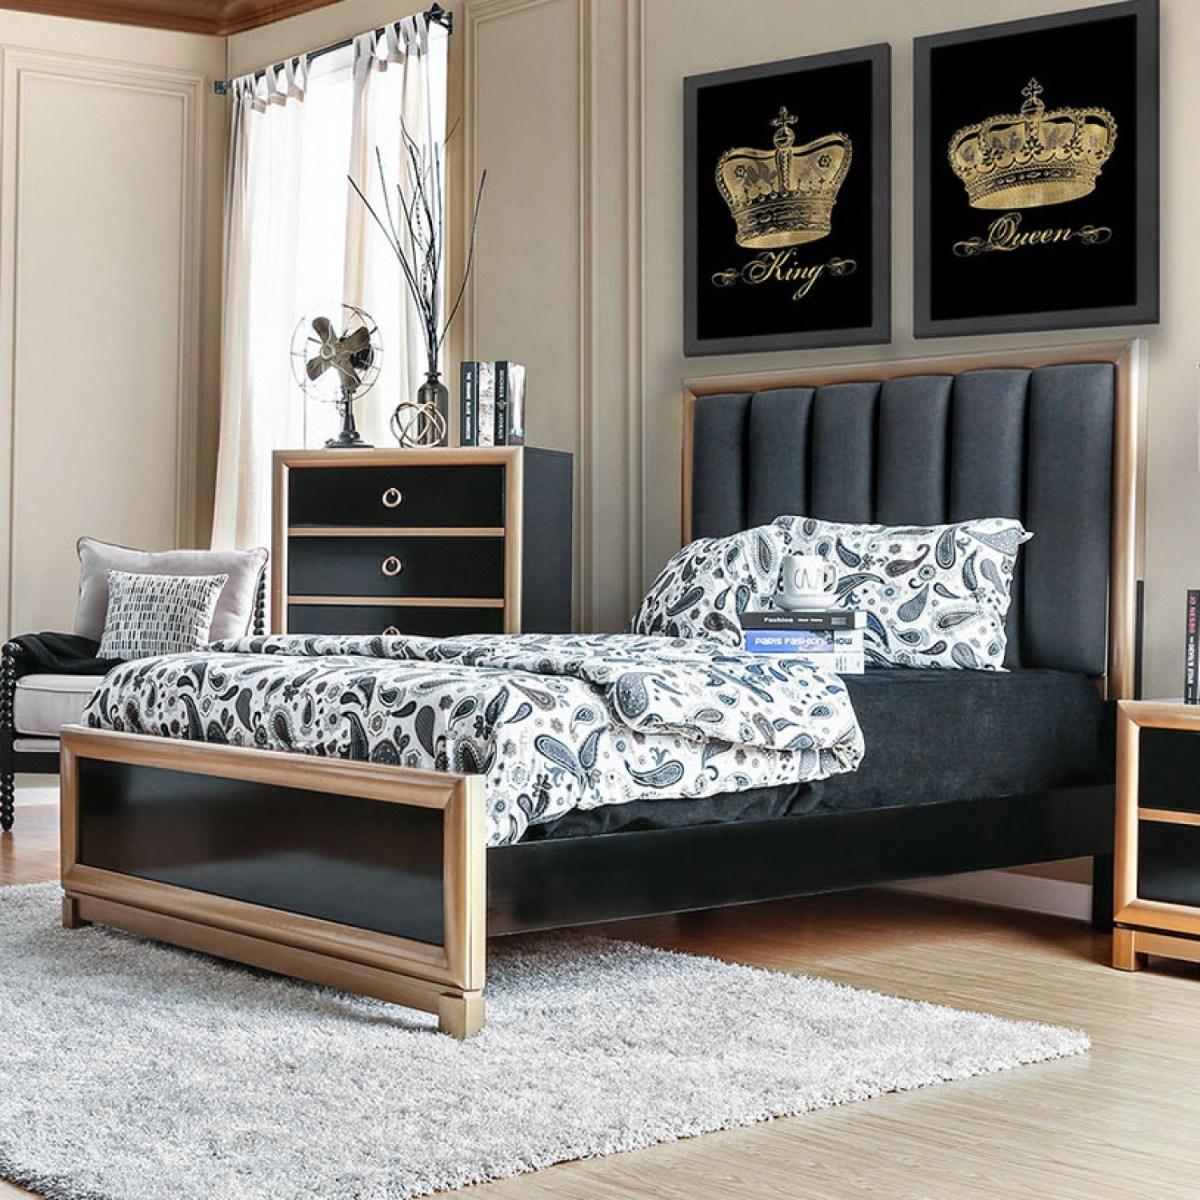 Bedroom Furniture Queen Bed Black Gold FOA